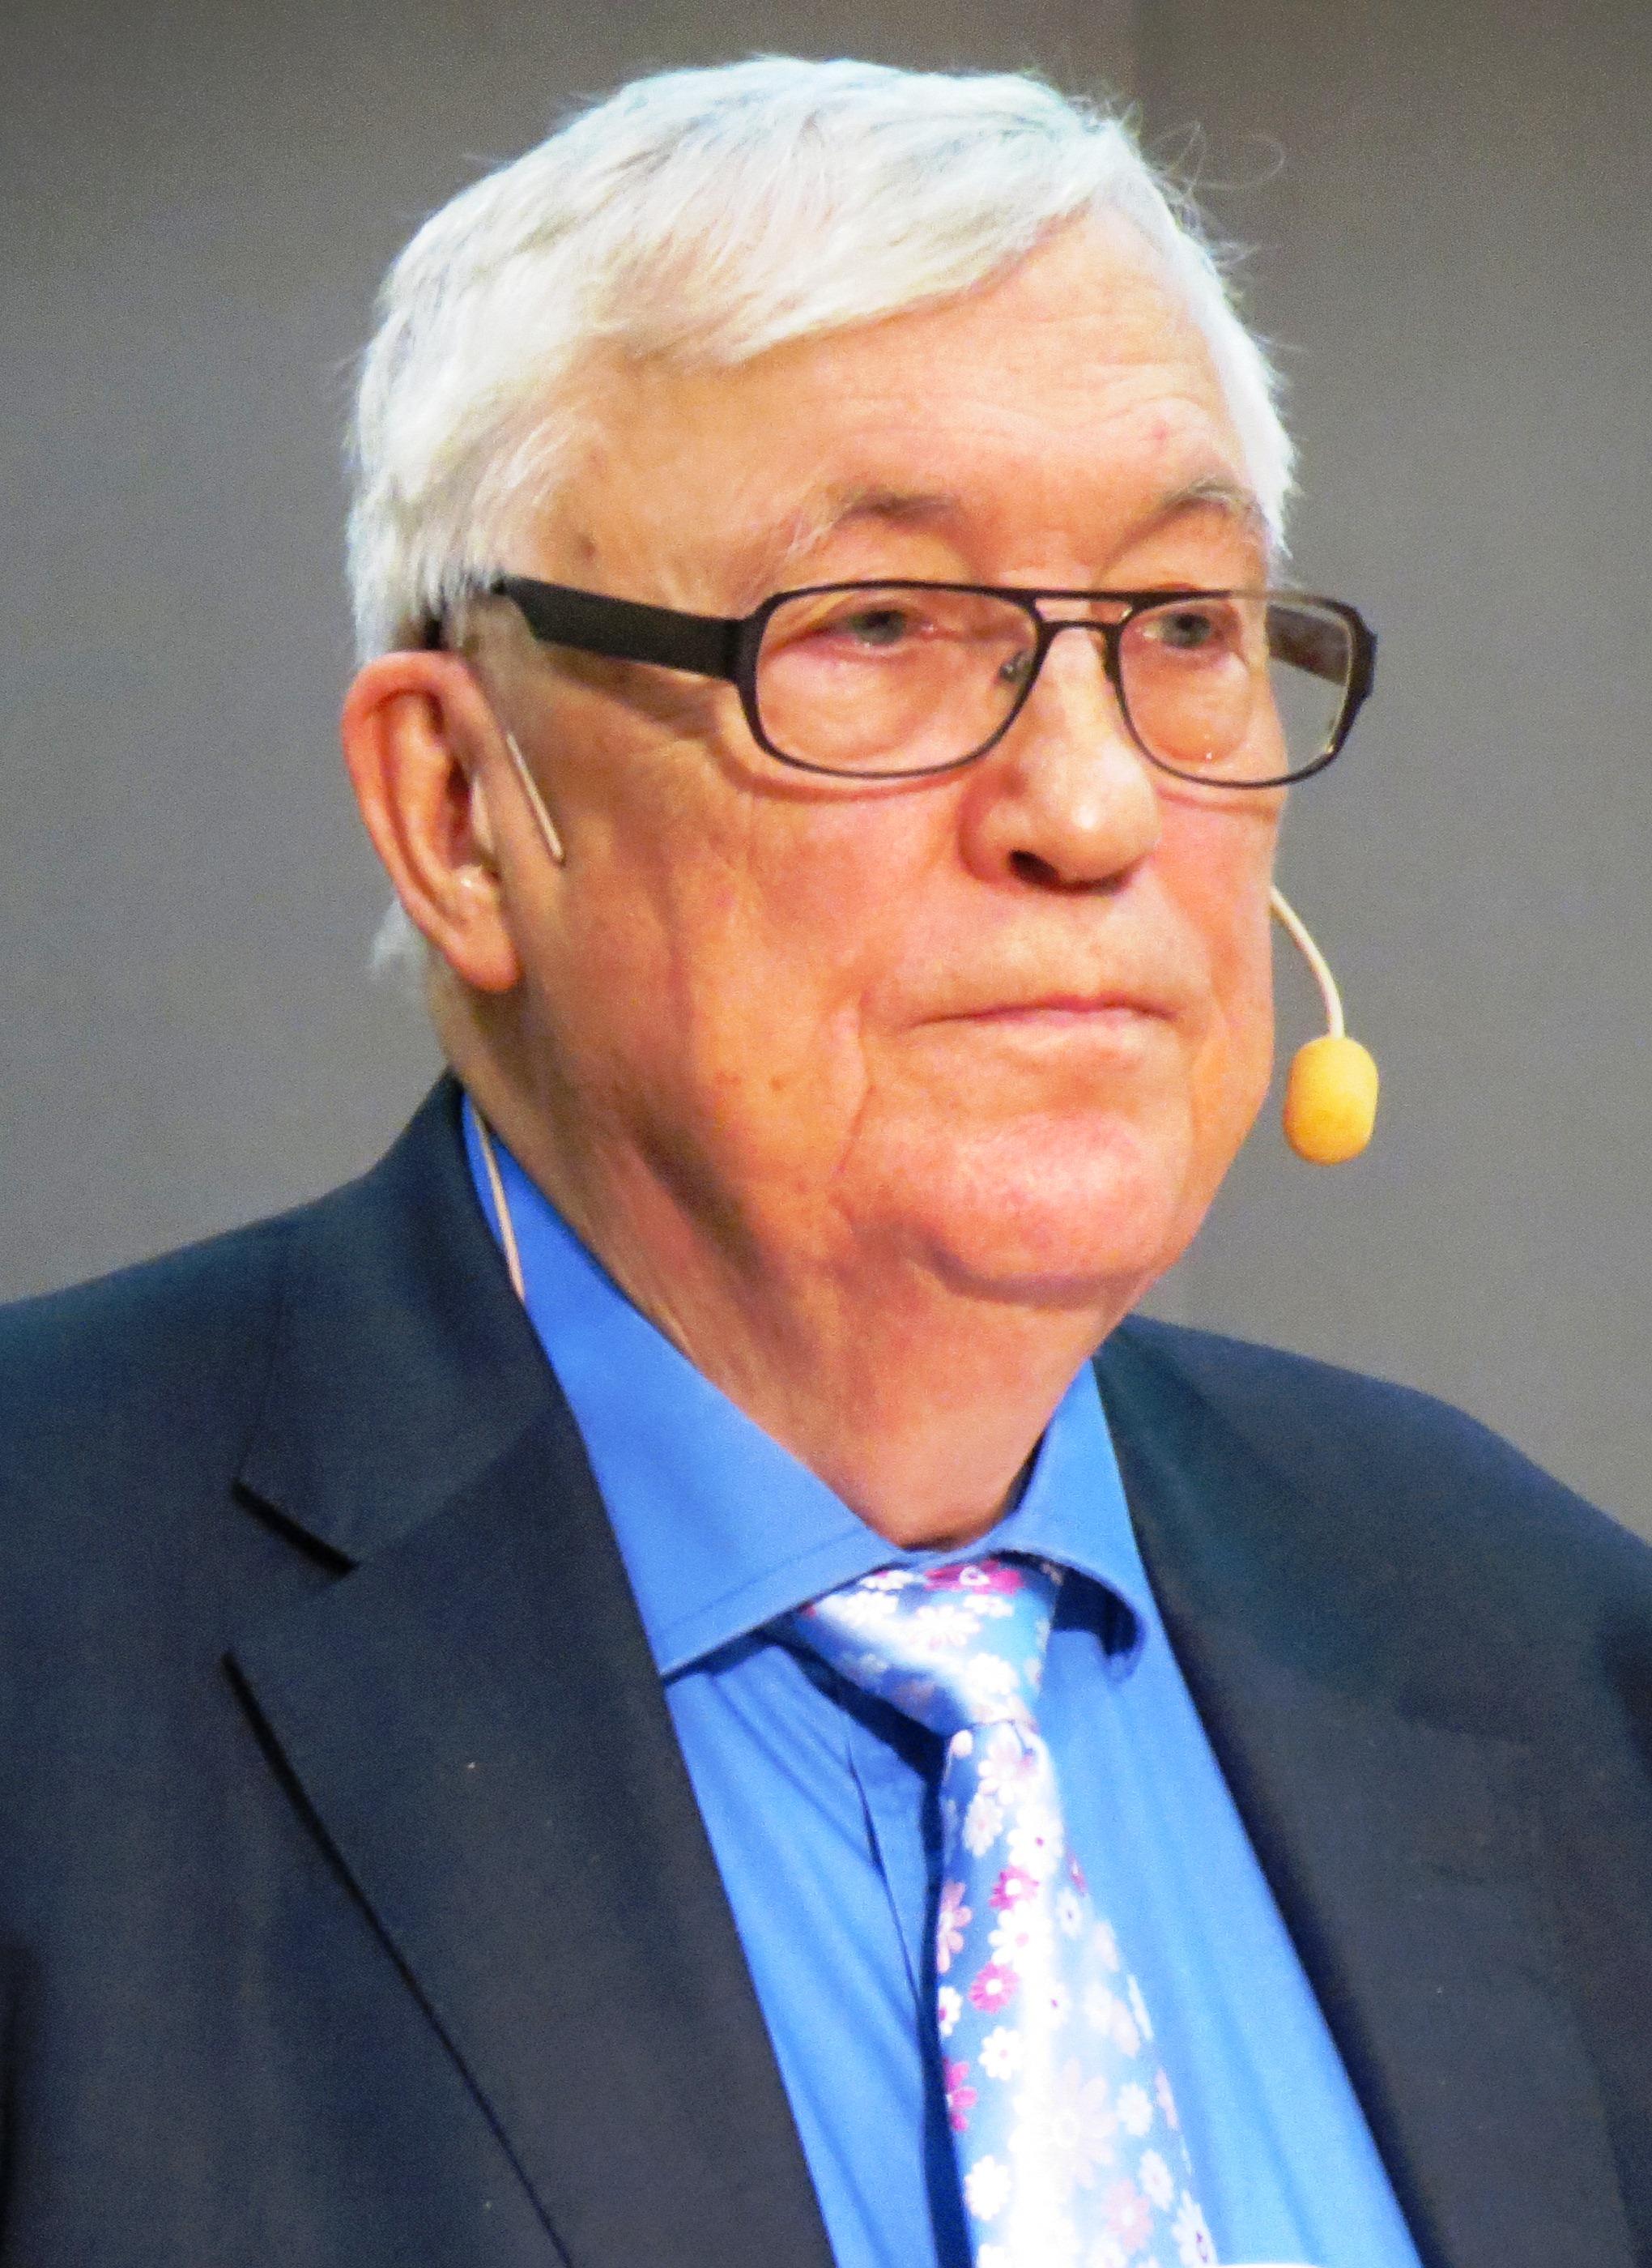 Lennart Bengtsson in 2013.